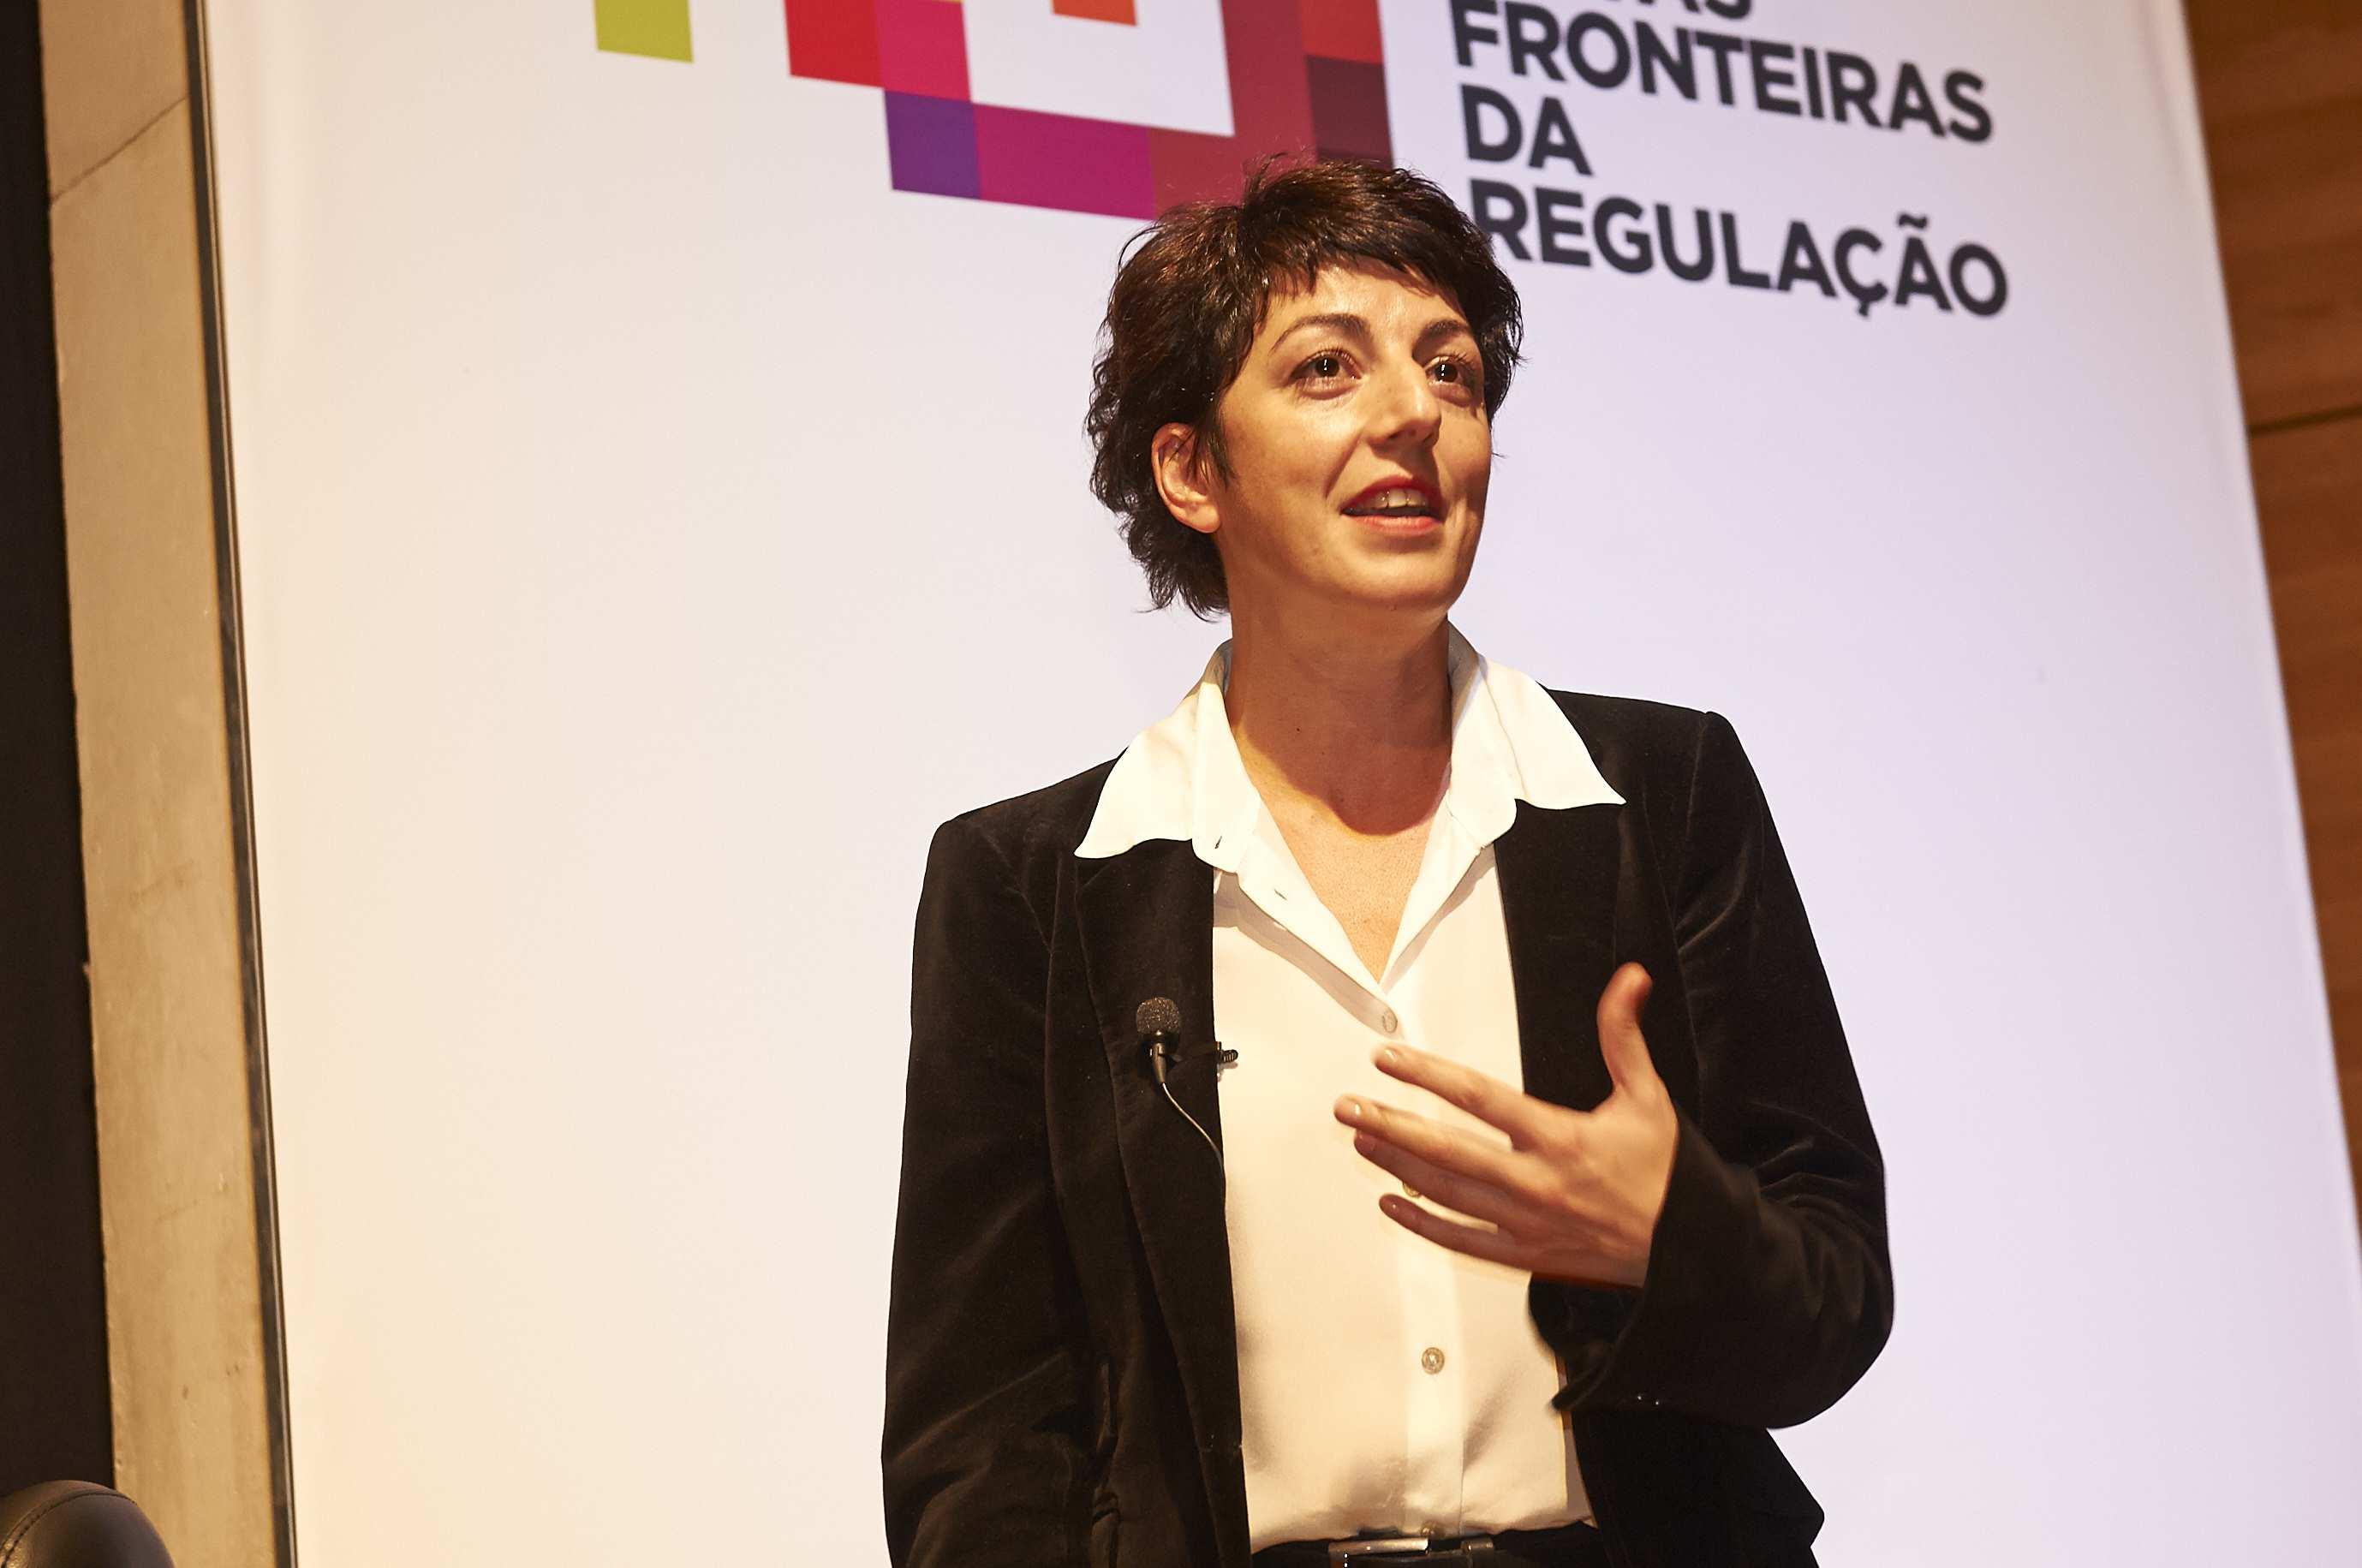 Rosalia Lloret, Relações Institucionais da Online Publishers Association na sua intervenção.